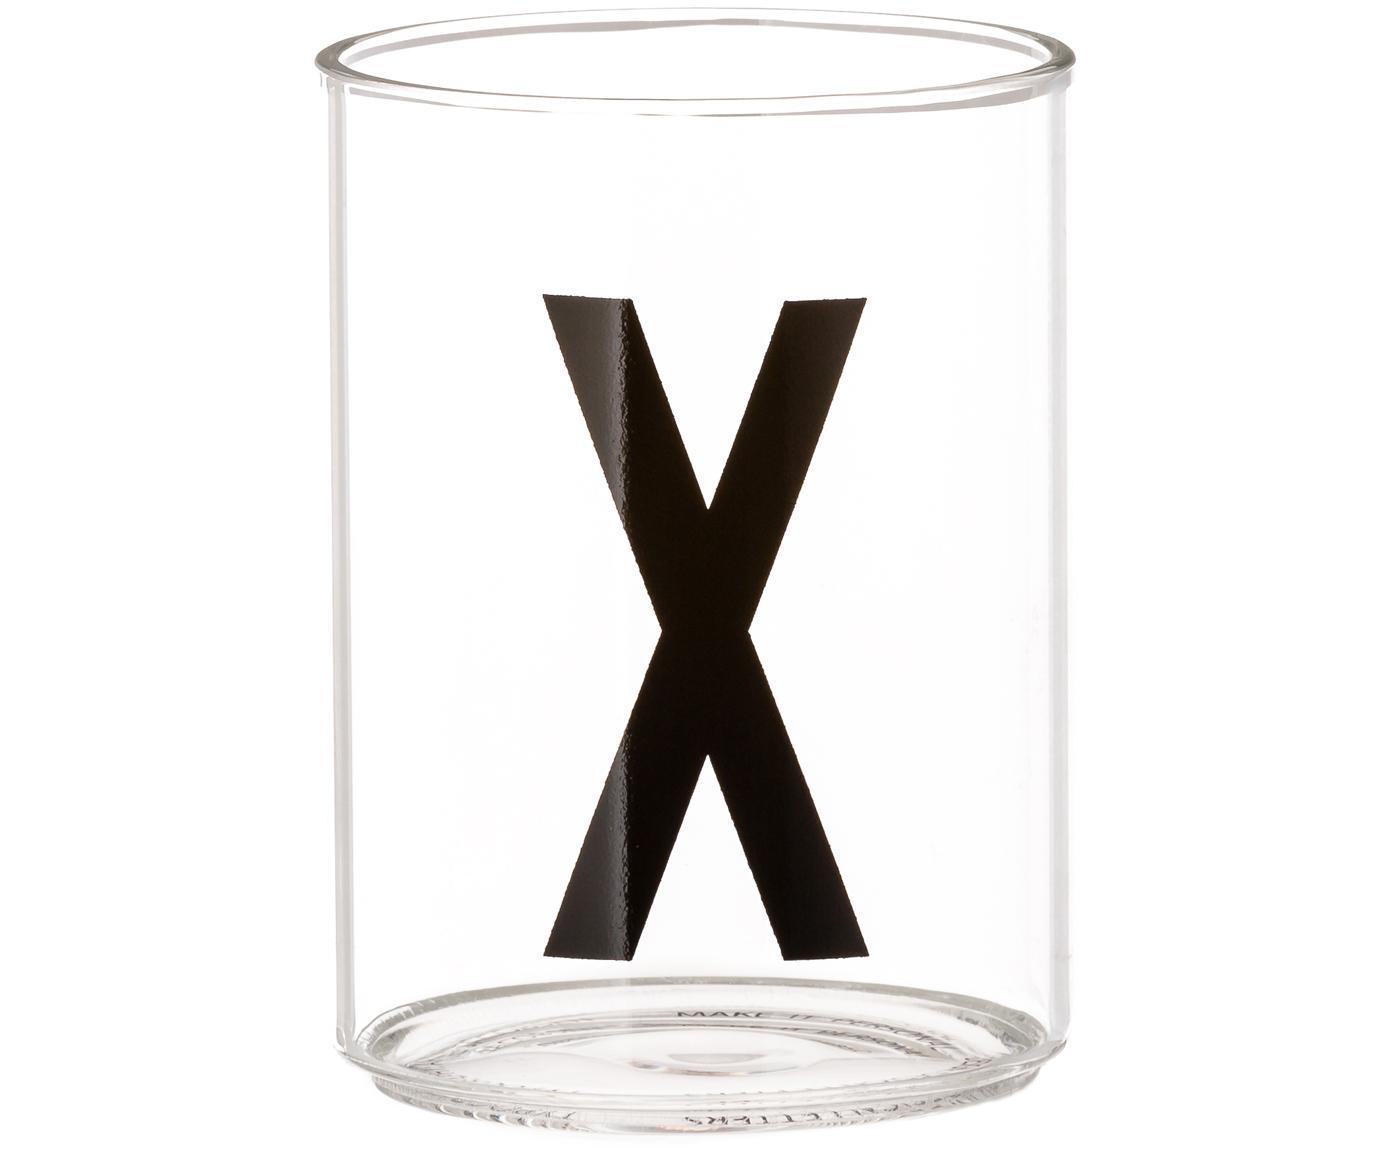 Bicchiere acqua in vetro Personal (varianti dalla A alla Z), Vetro borosilicato, Trasparente, nero, Bicchiere per l'acqua X